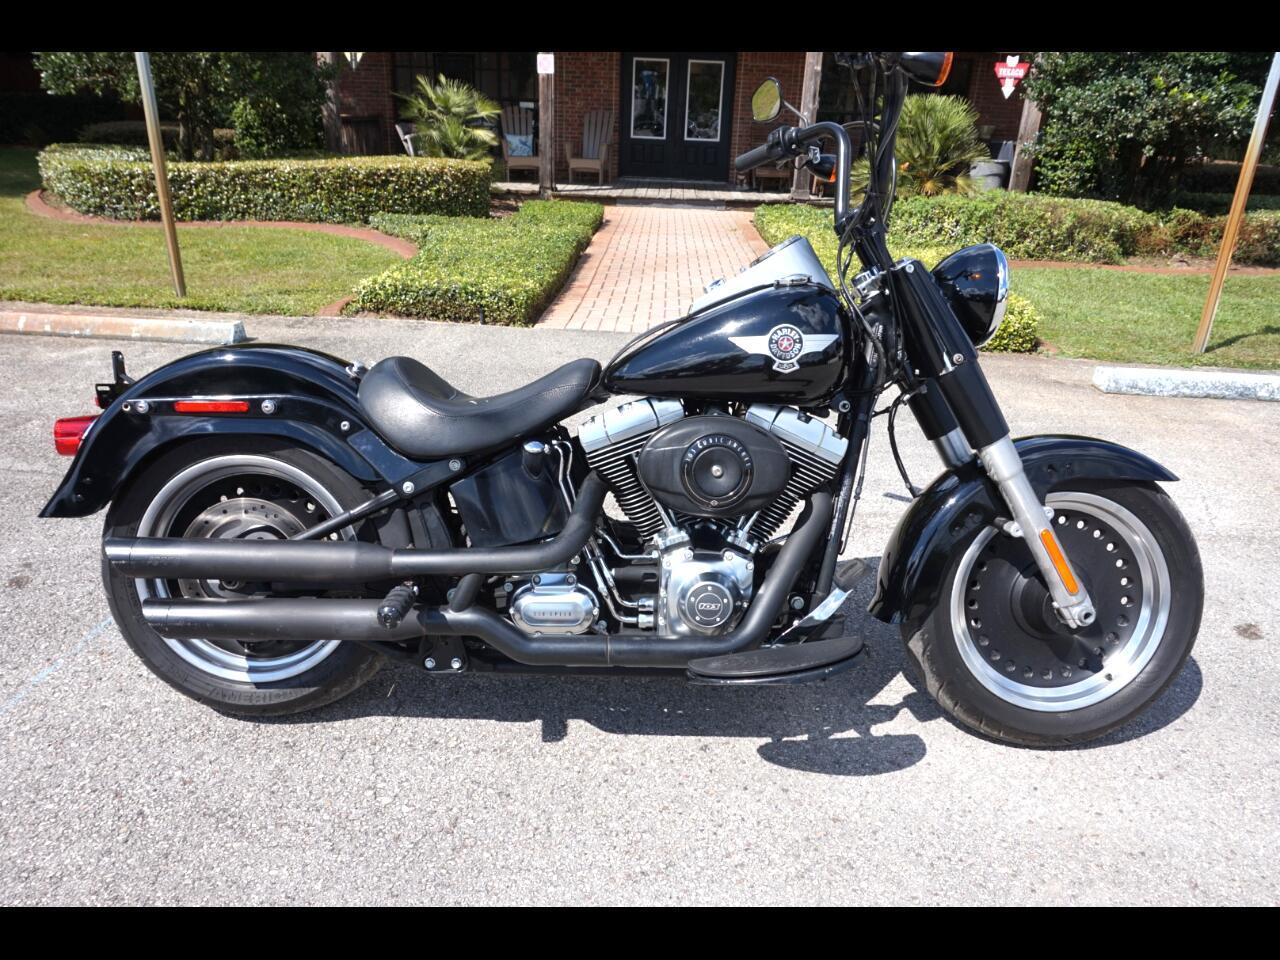 2012 Harley-Davidson FLSTFB FAT BOY LO 103